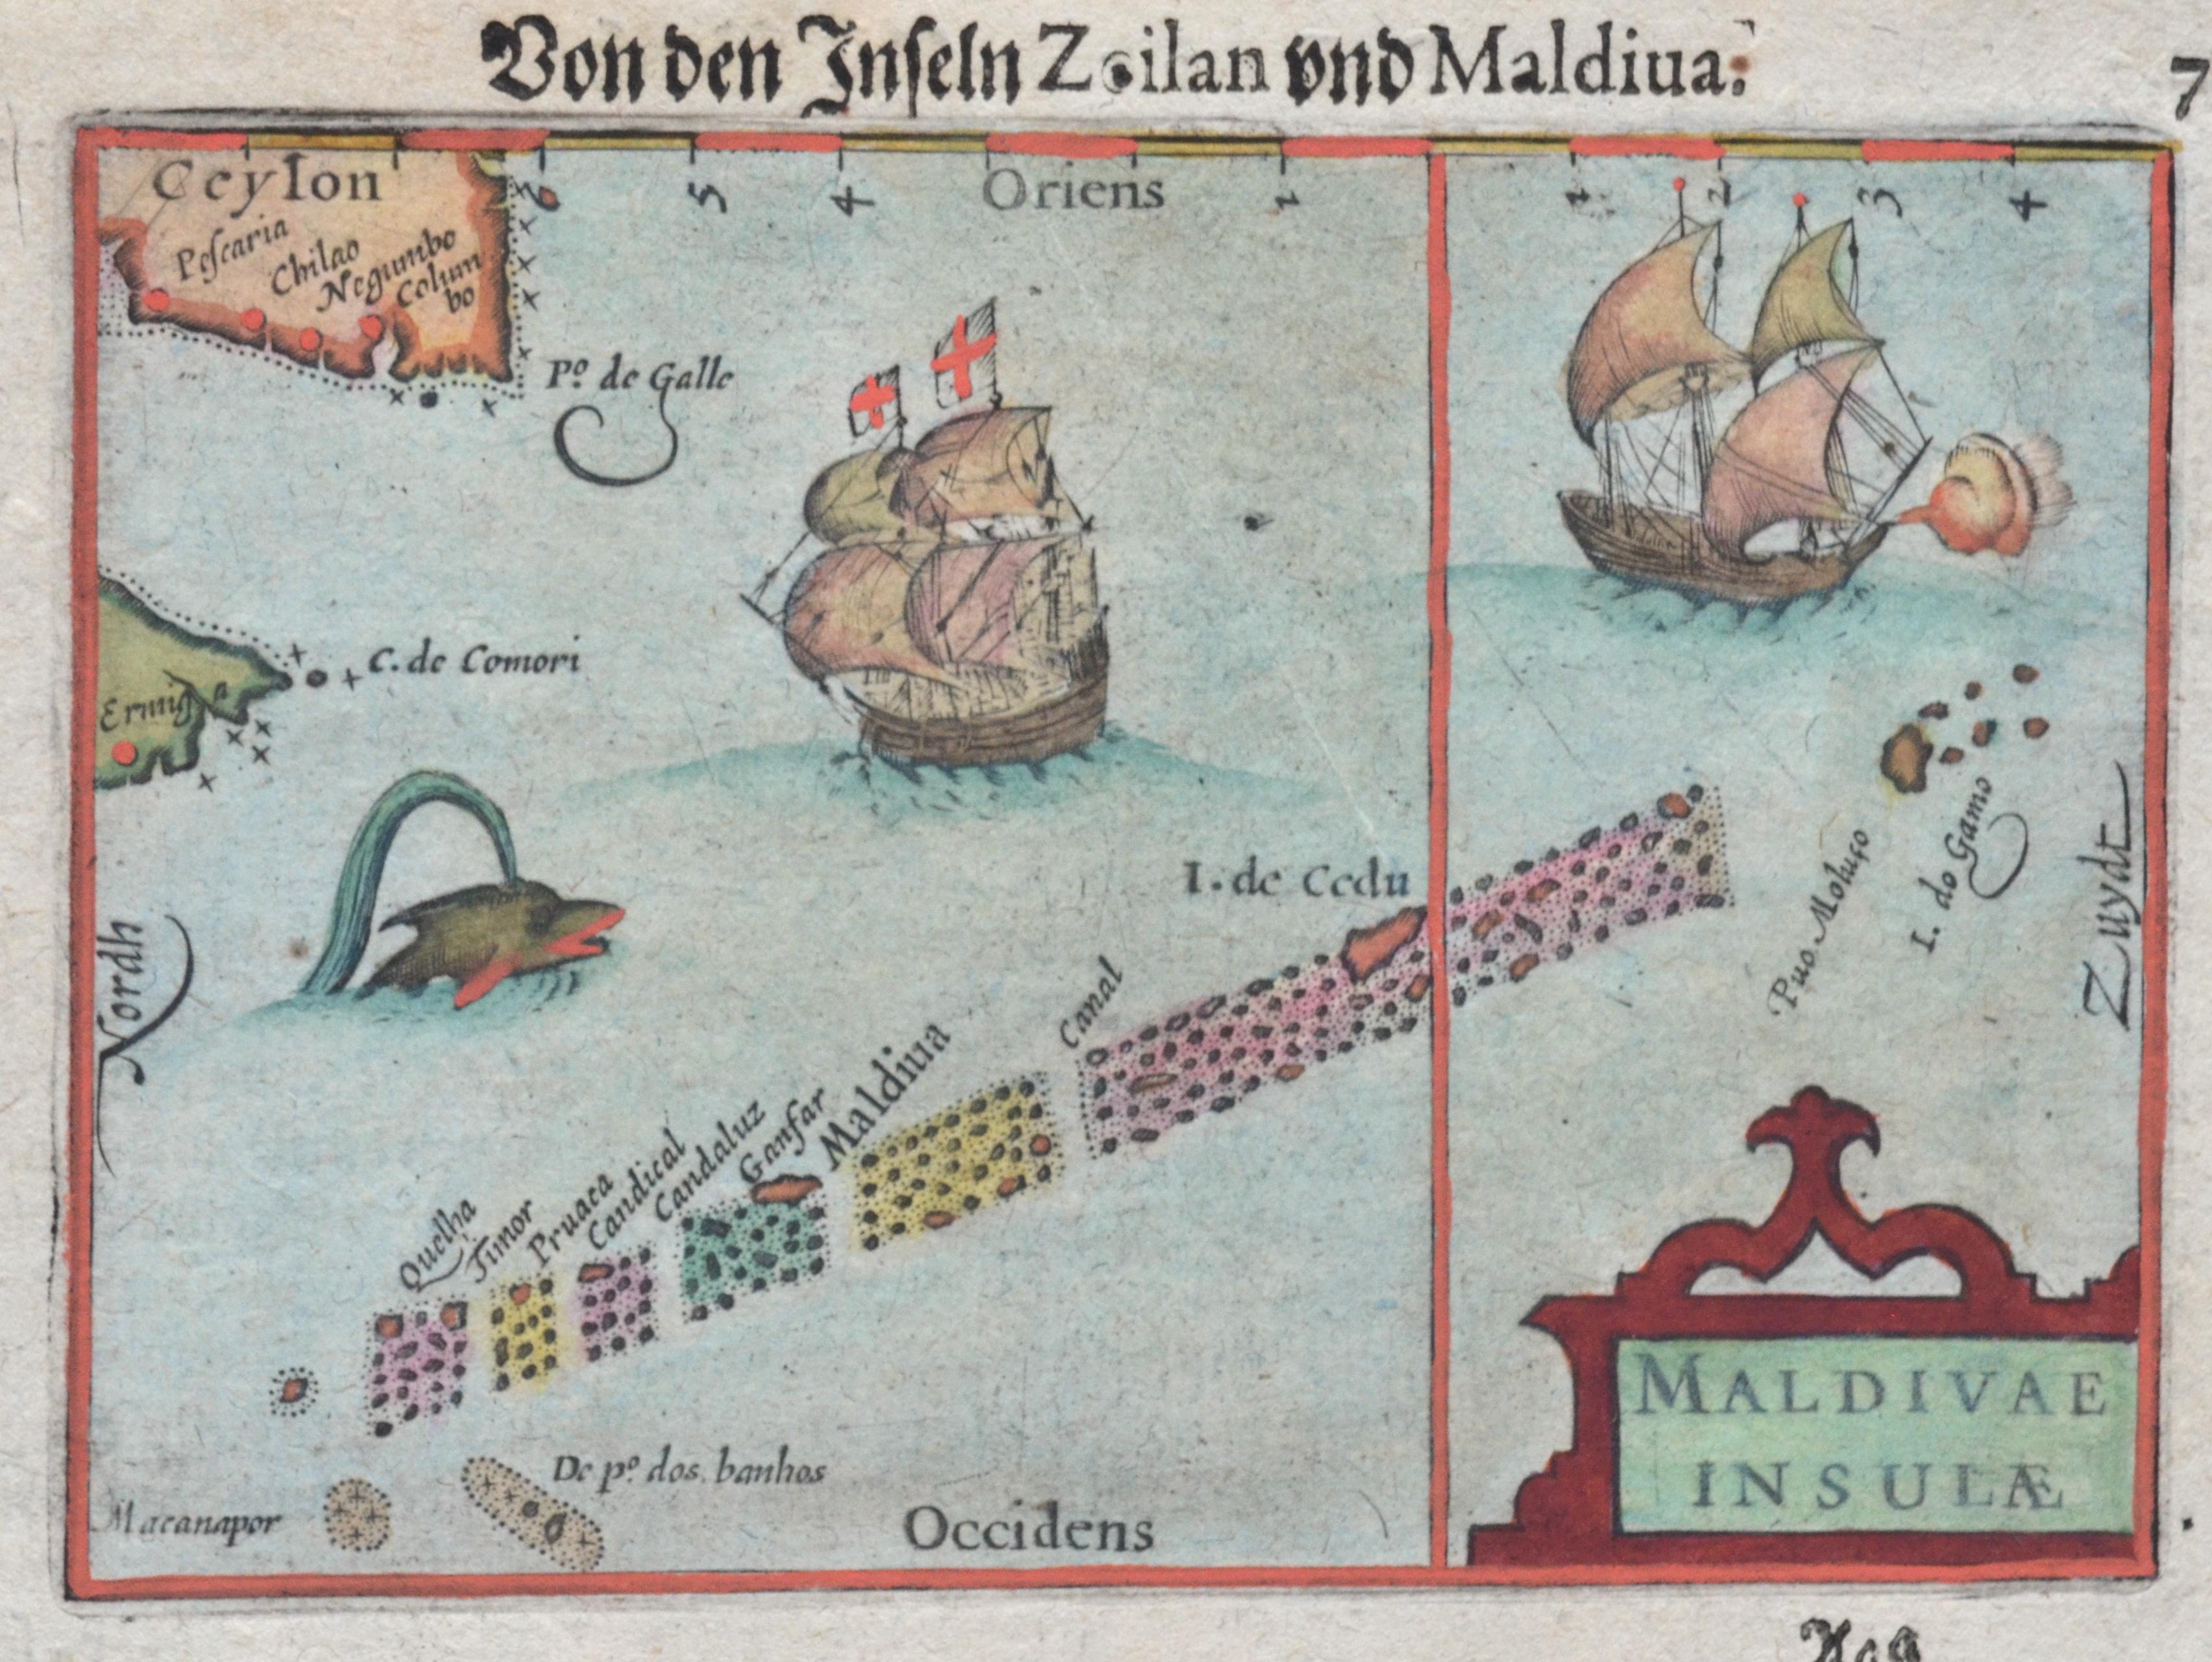 Bertius Petrus Von den Inseln Zeilan und Maldiva. / Maldivae Insulae